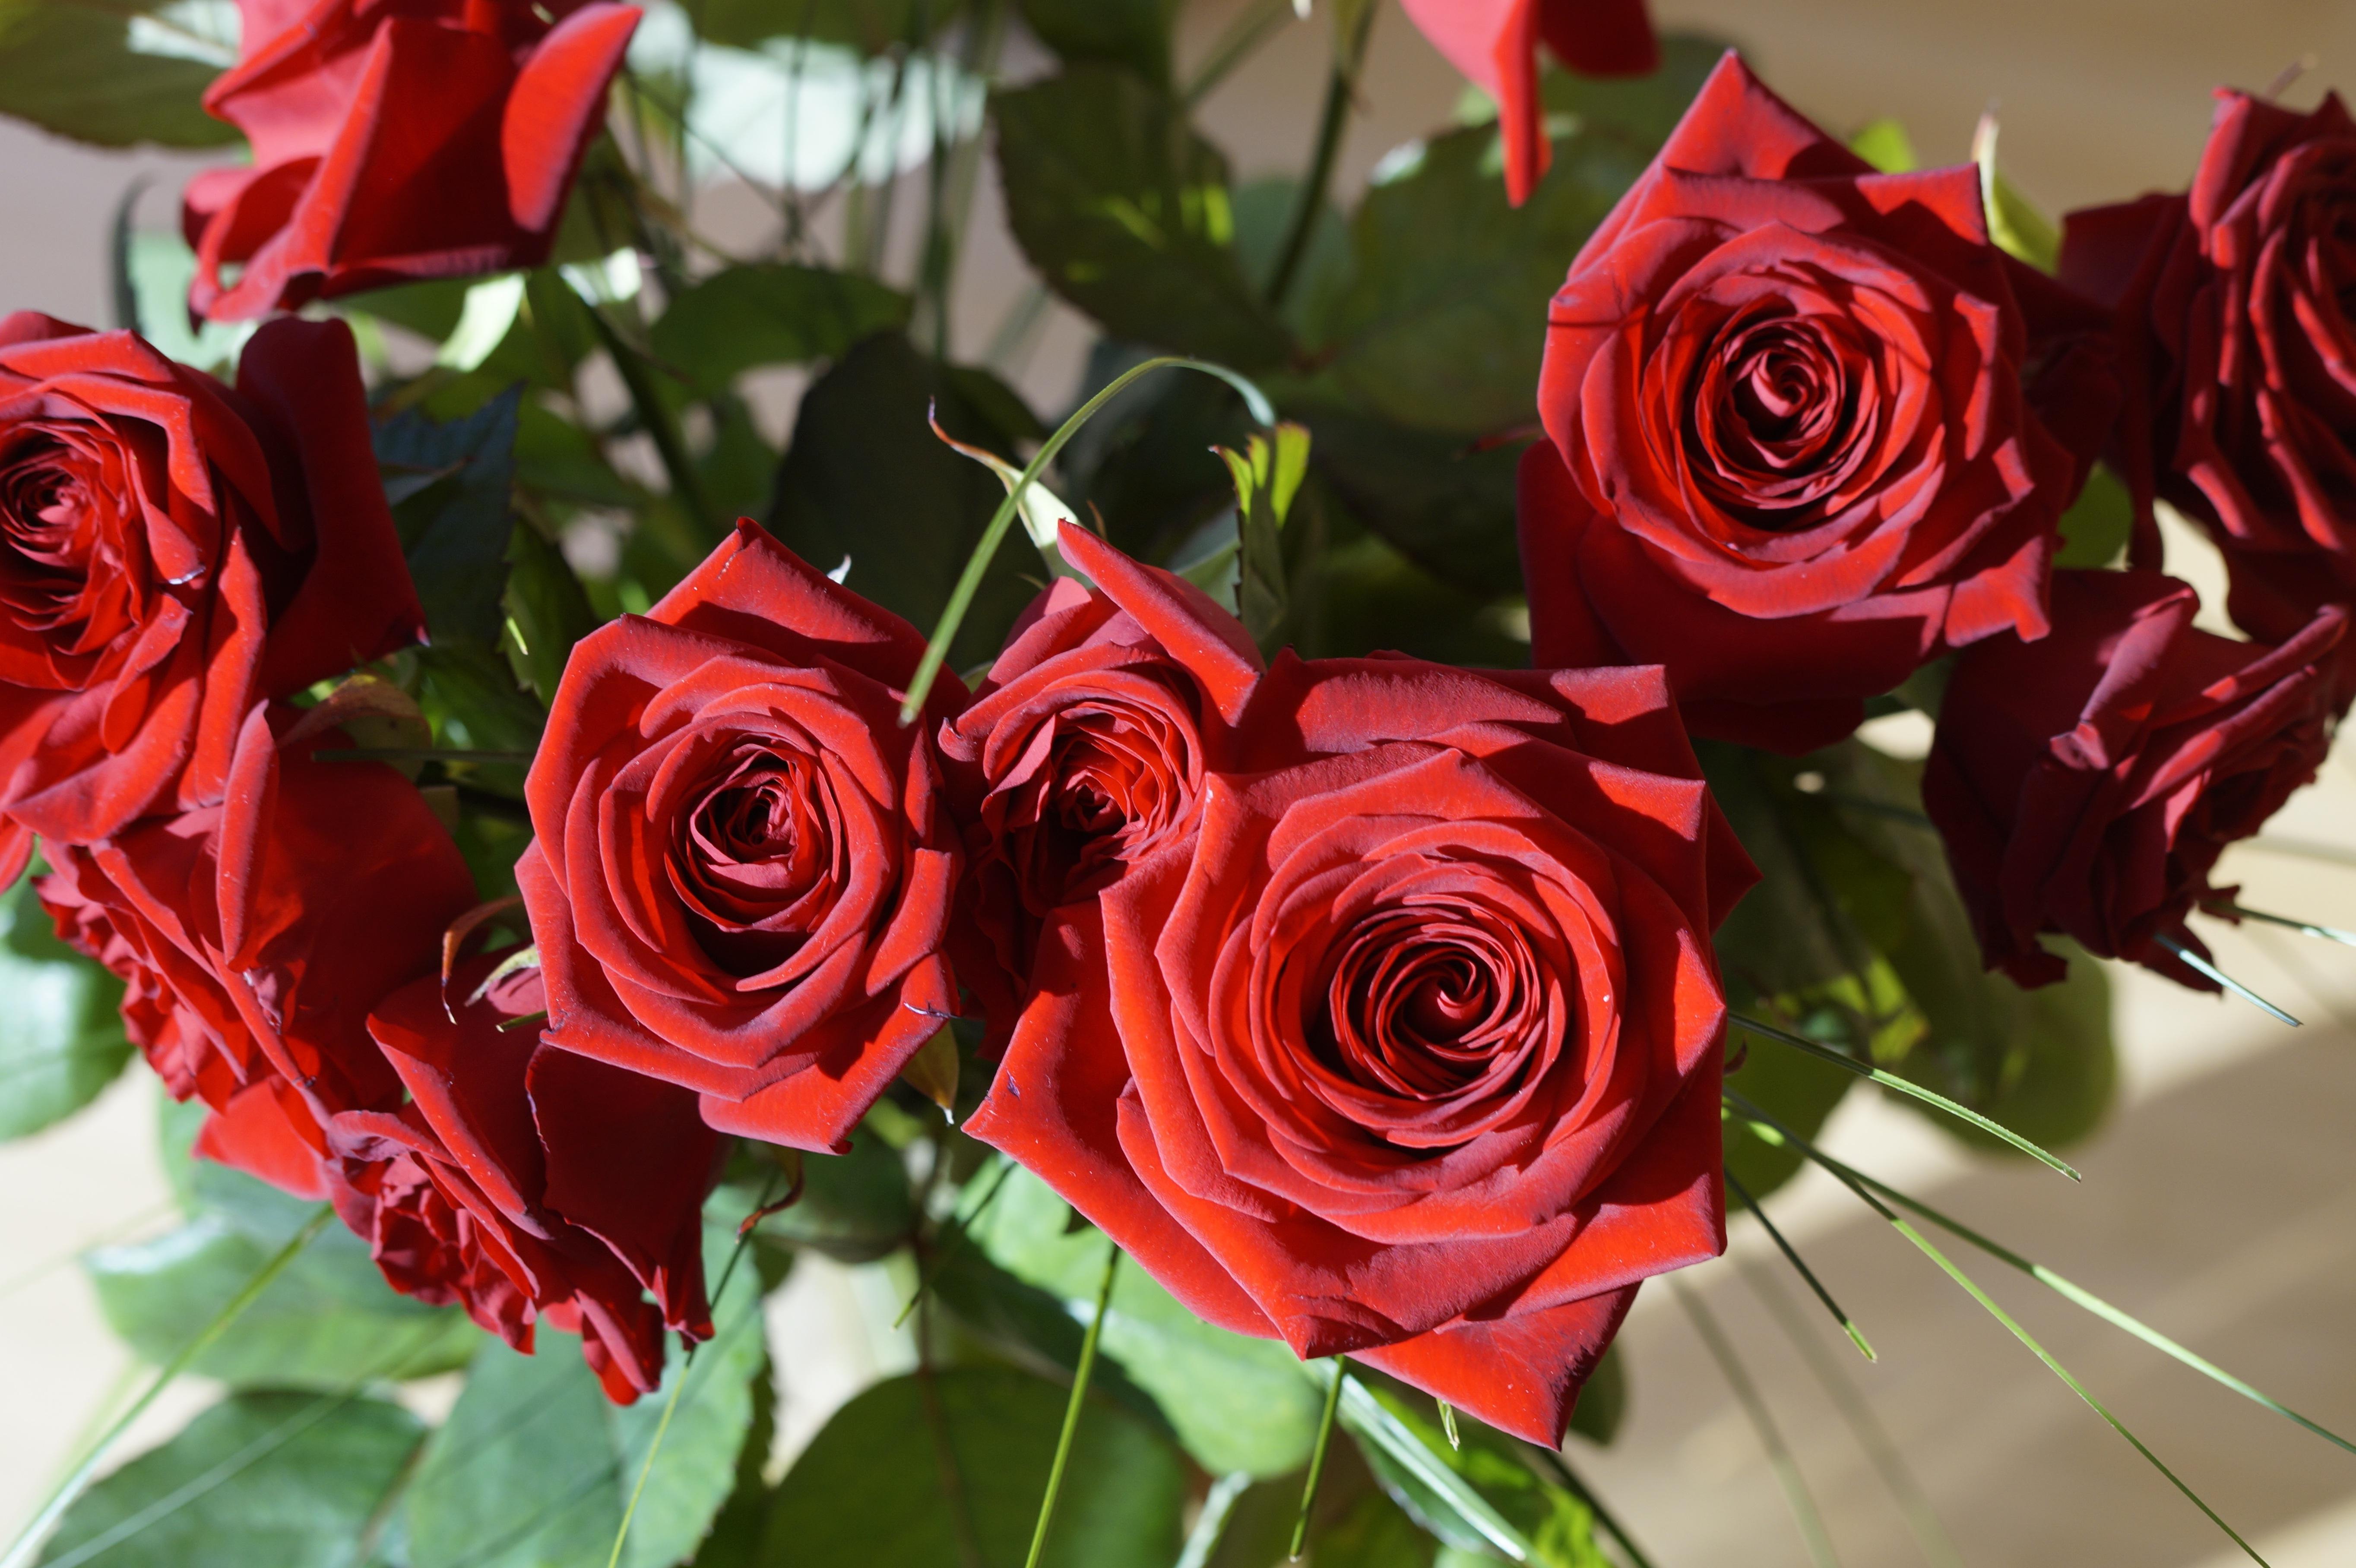 Images Gratuites Fleur Petale Floraison Amour Romance